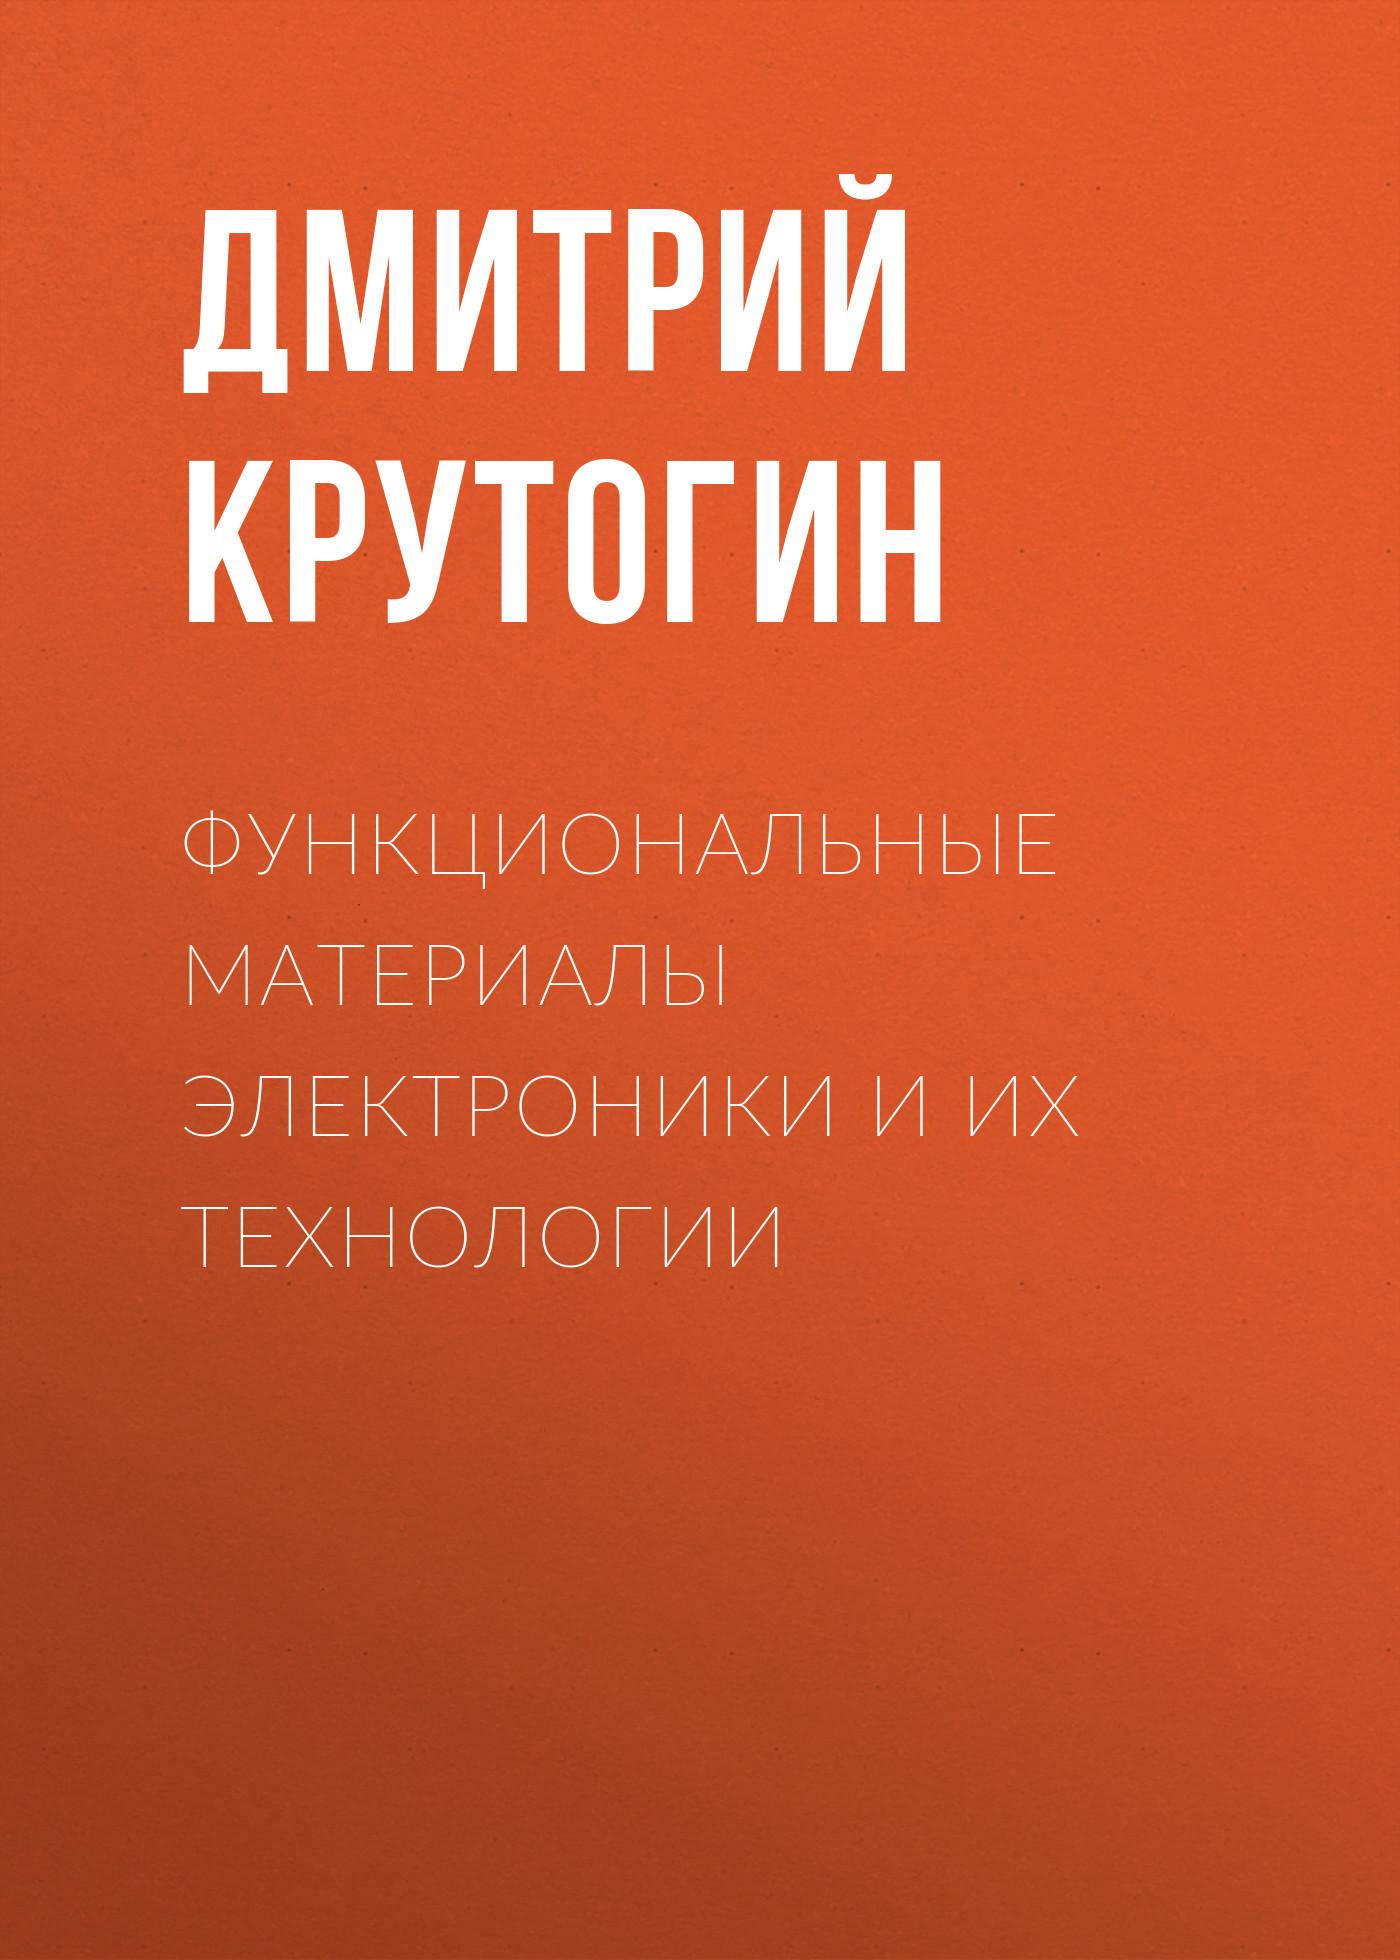 Дмитрий Крутогин. Функциональные материалы электроники и их технологии